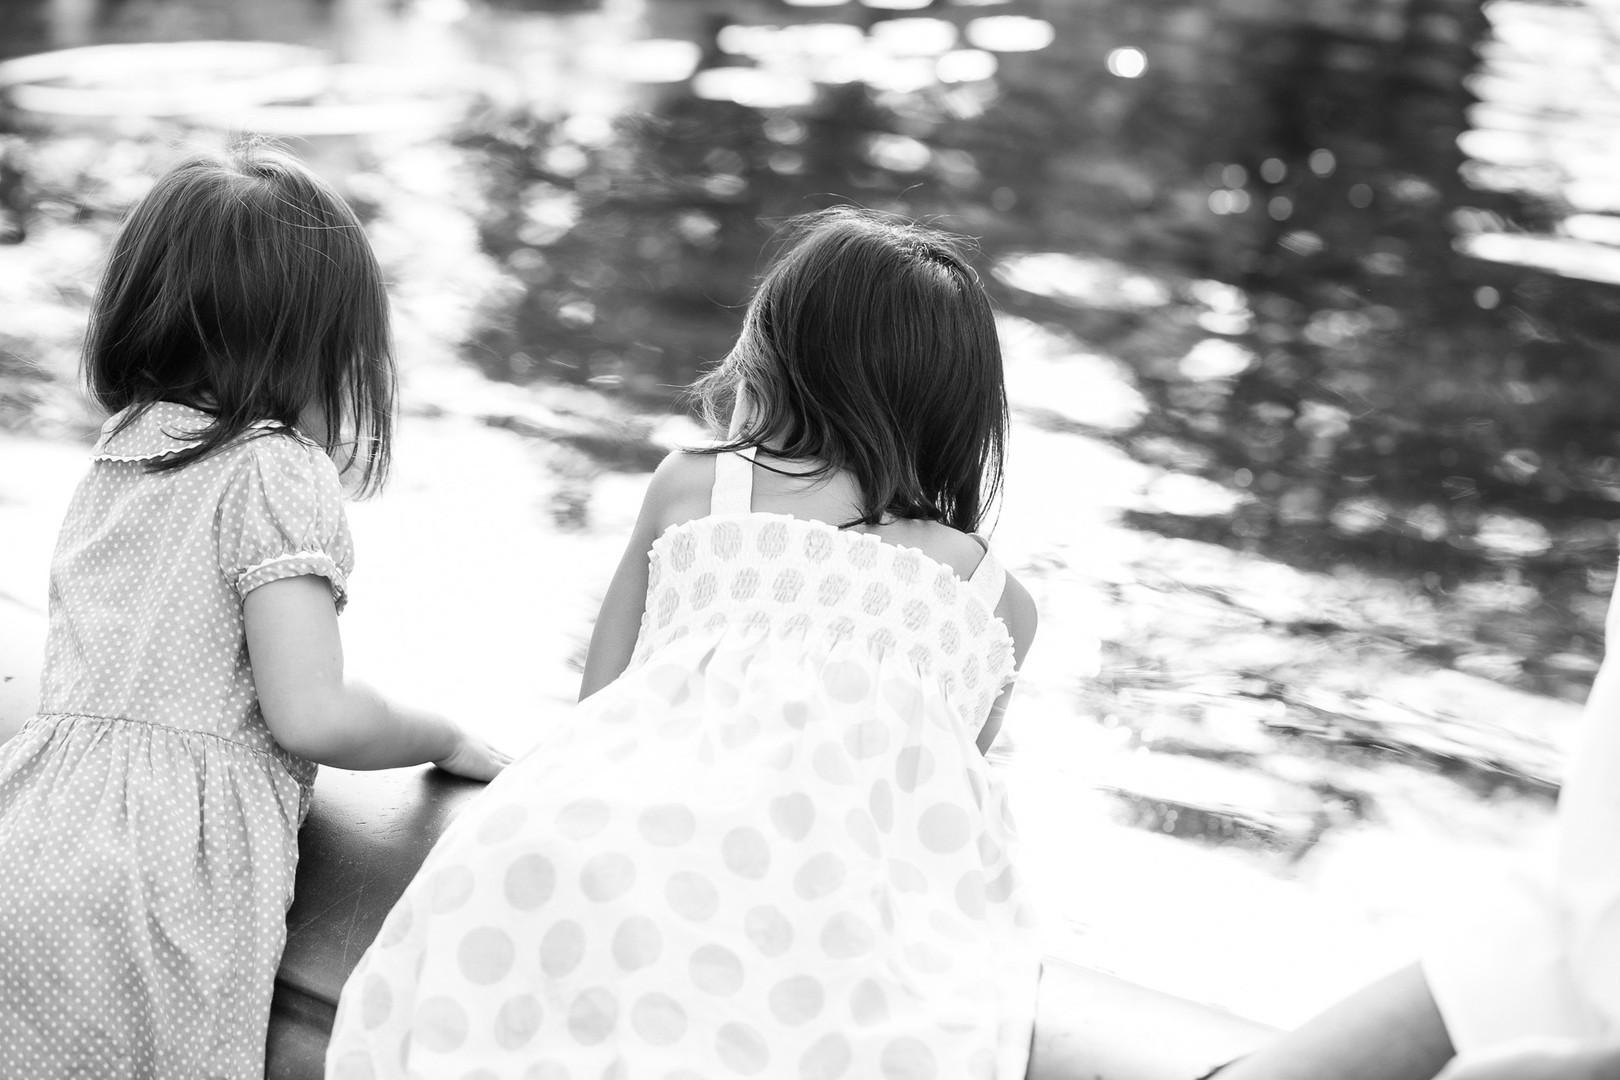 byrd-girls-by-the-fountain-2.jpg